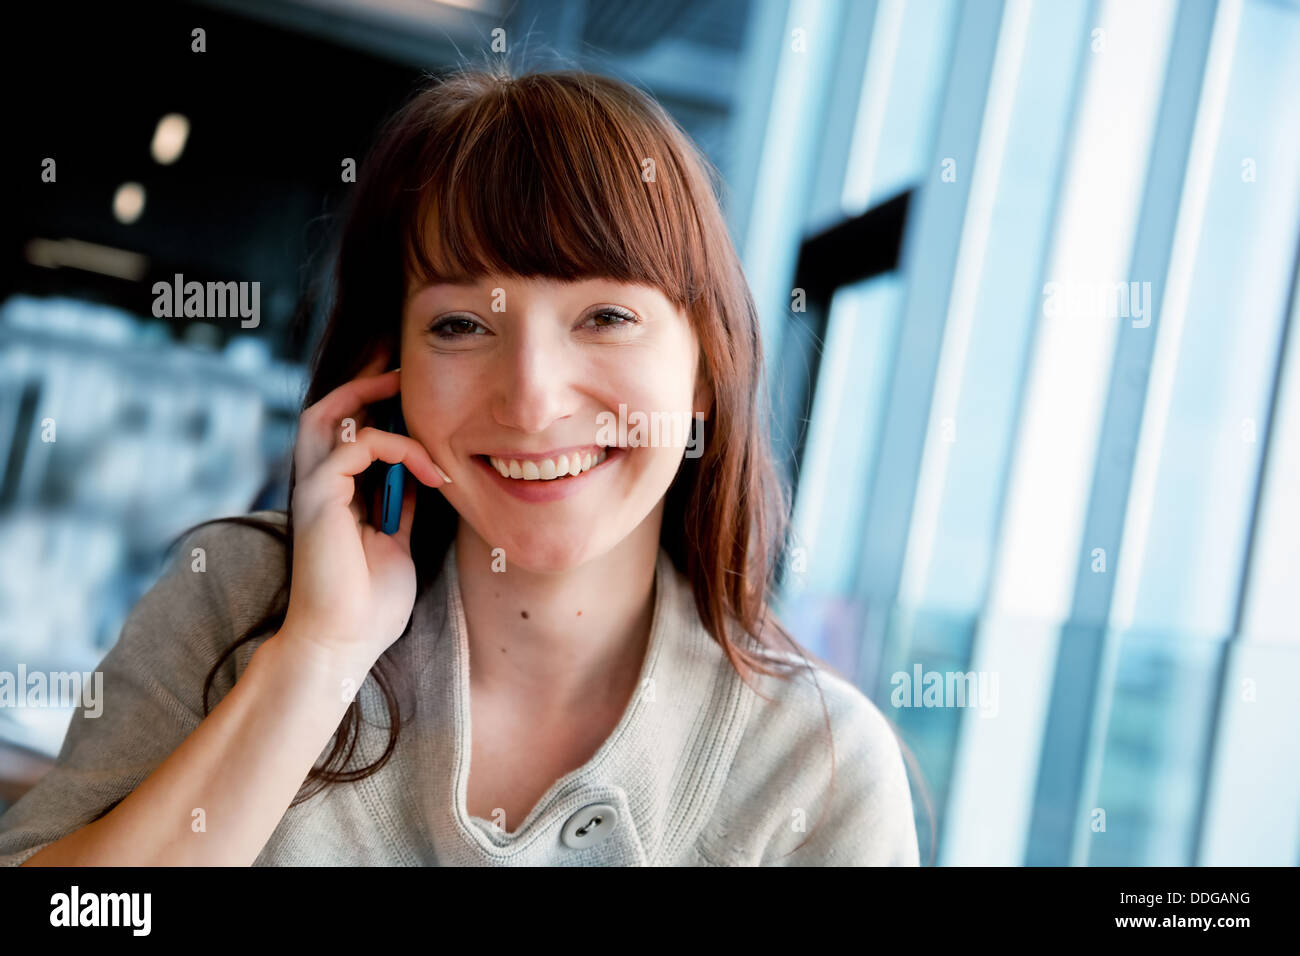 Mujer hablando por teléfono móvil y sonriendo, mirando a la cámara Imagen De Stock